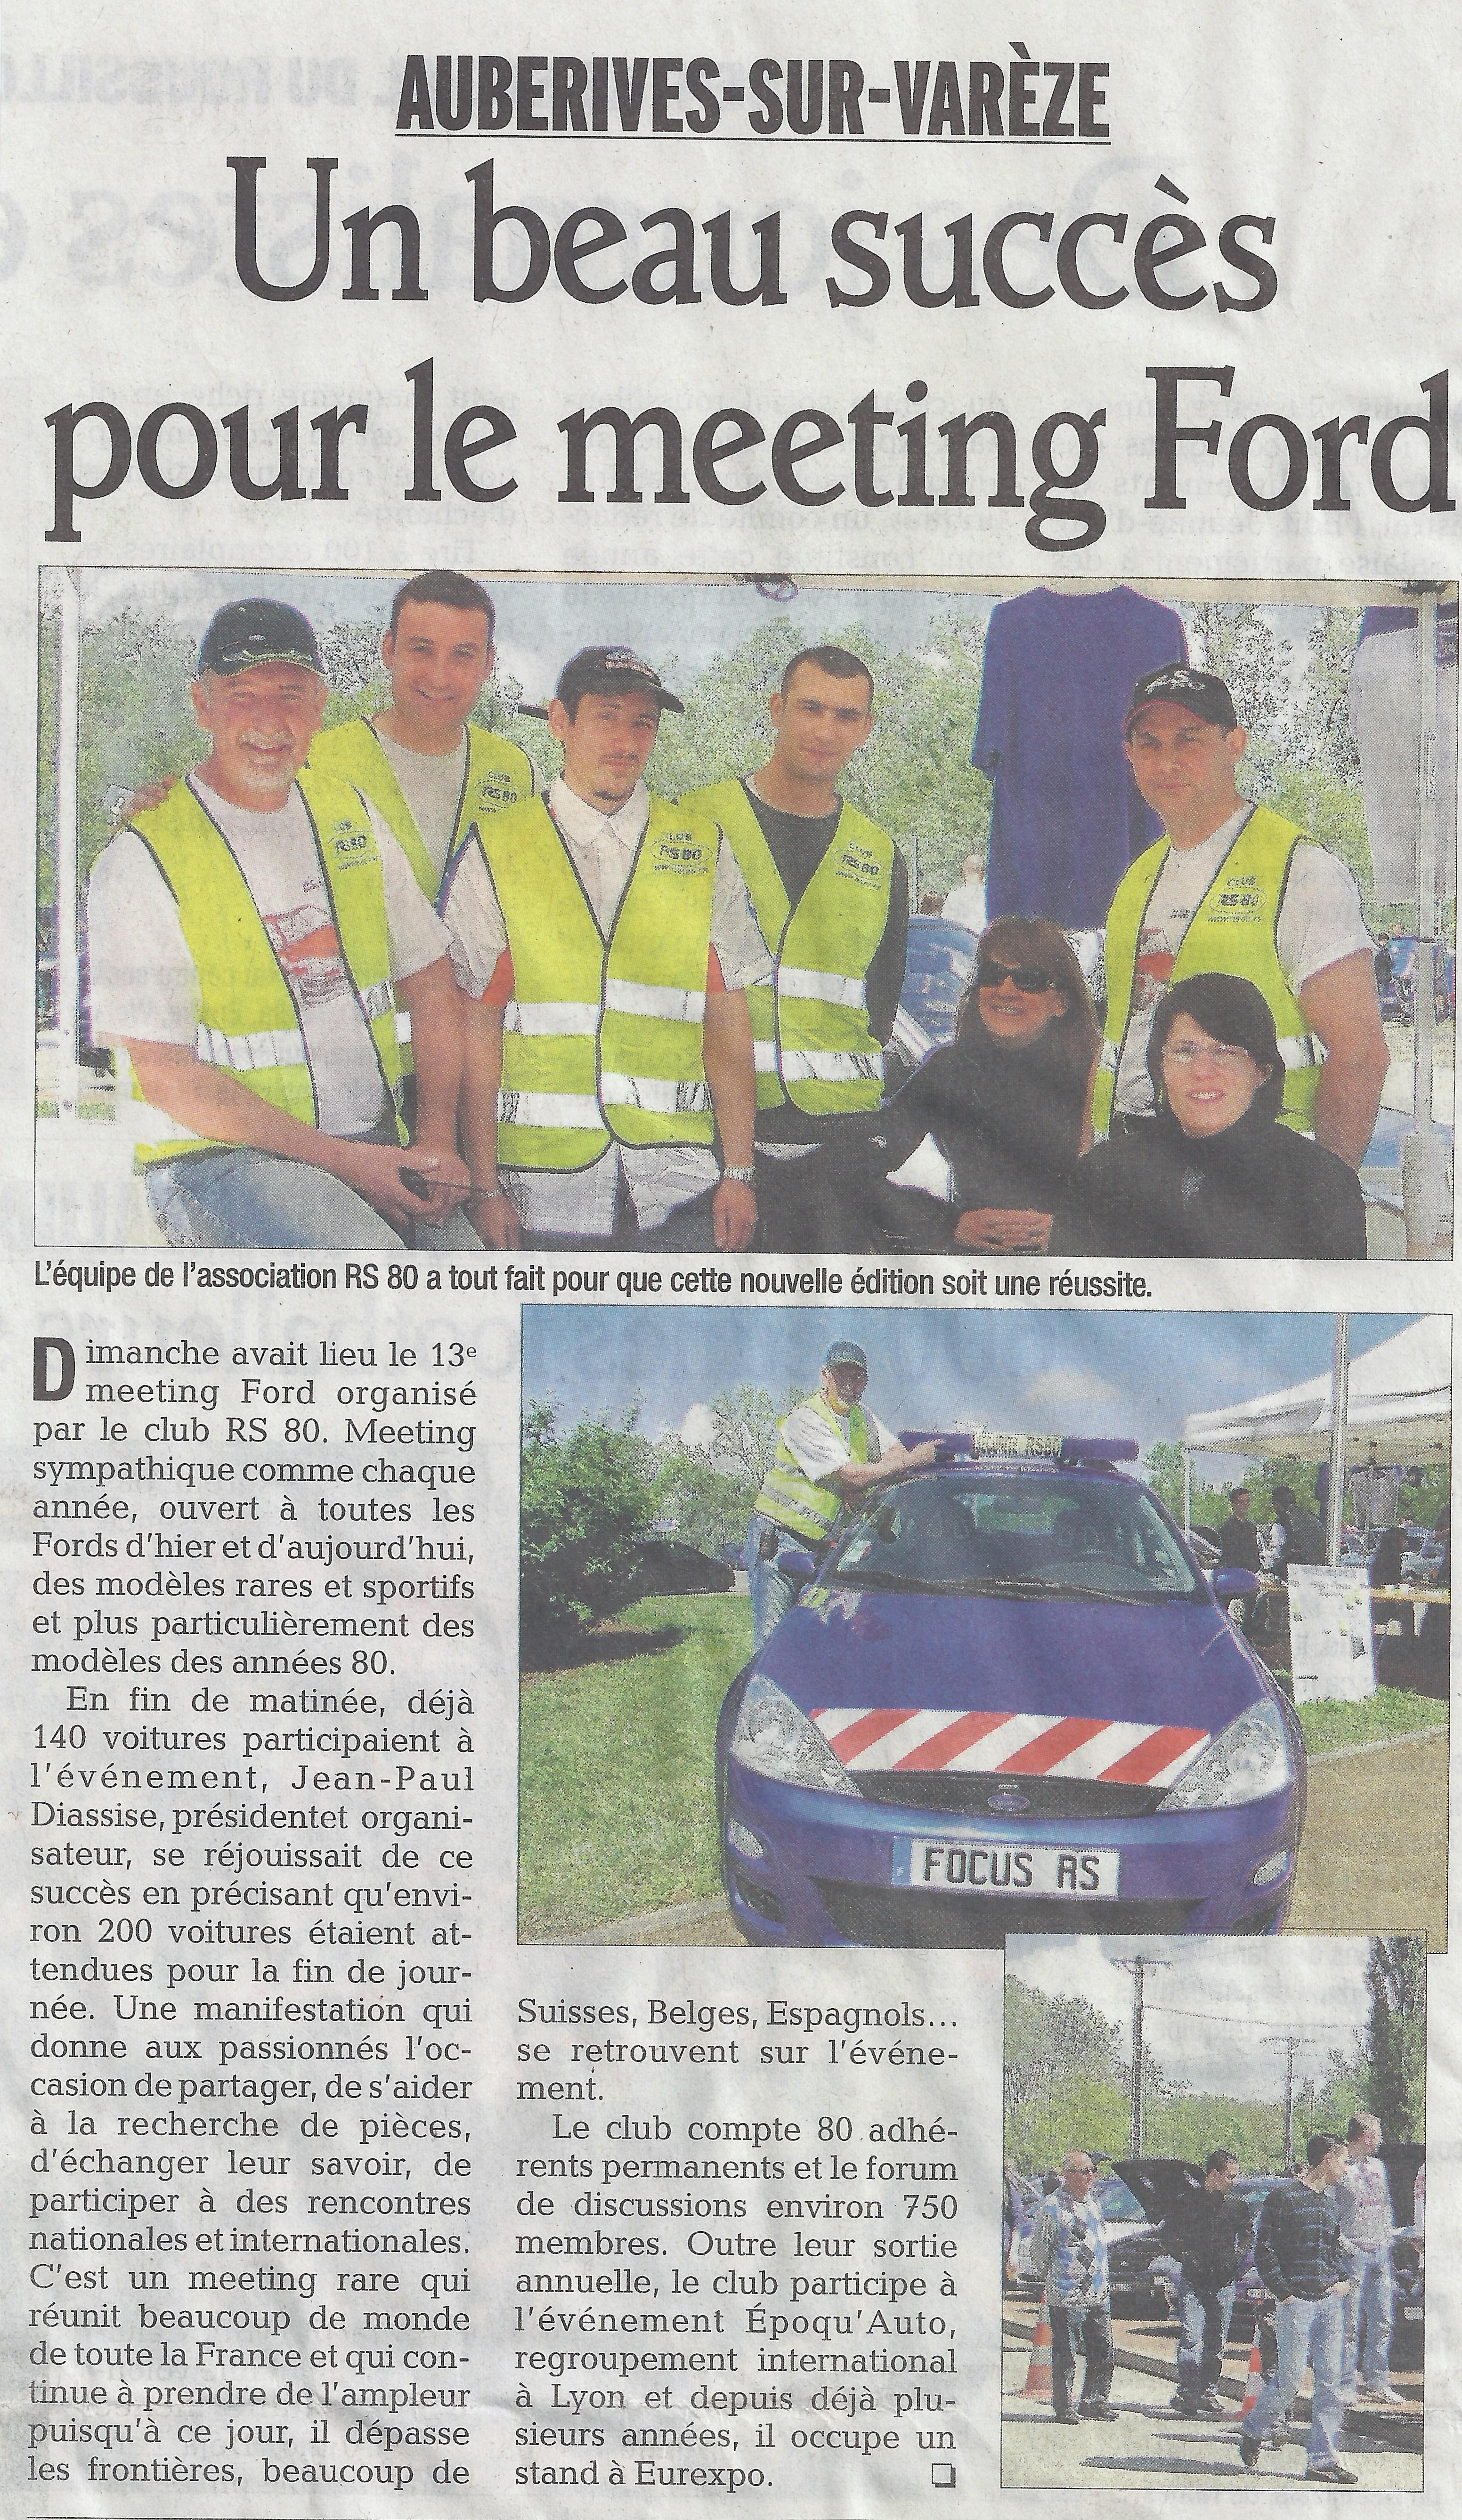 meeting du club RS80 1er Mai 2012 a Auberives sur varezes  - Page 4 Dauphin2012